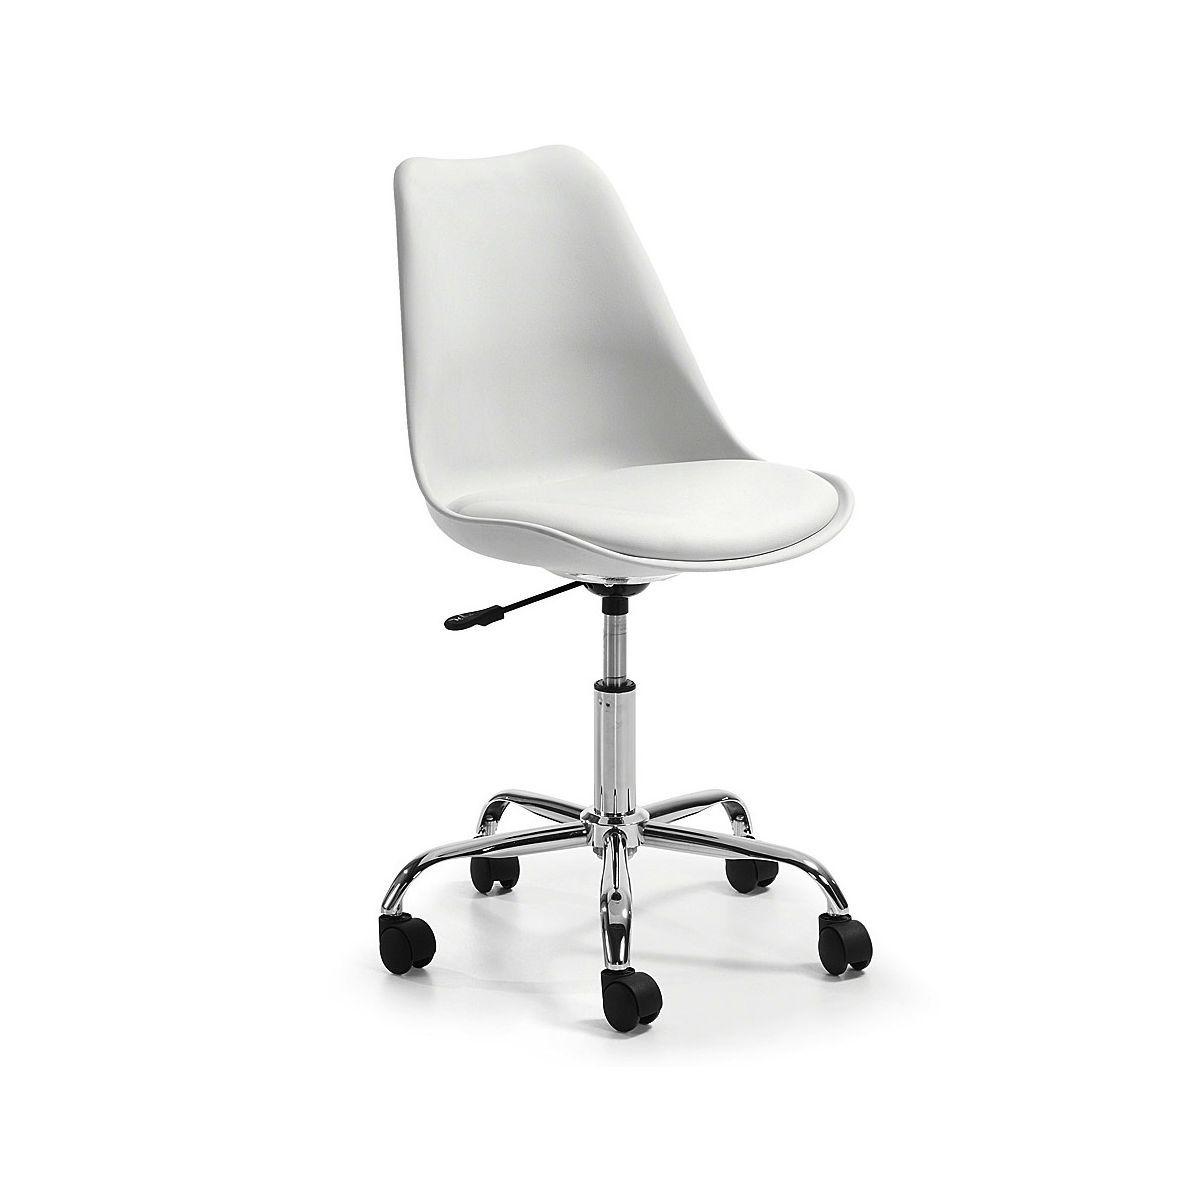 Chaise De Bureau A Roulette Design Orlando Blanche De Profil Blanc Drawer Chaise Bureau Enfant Chaise Bureau Chaise